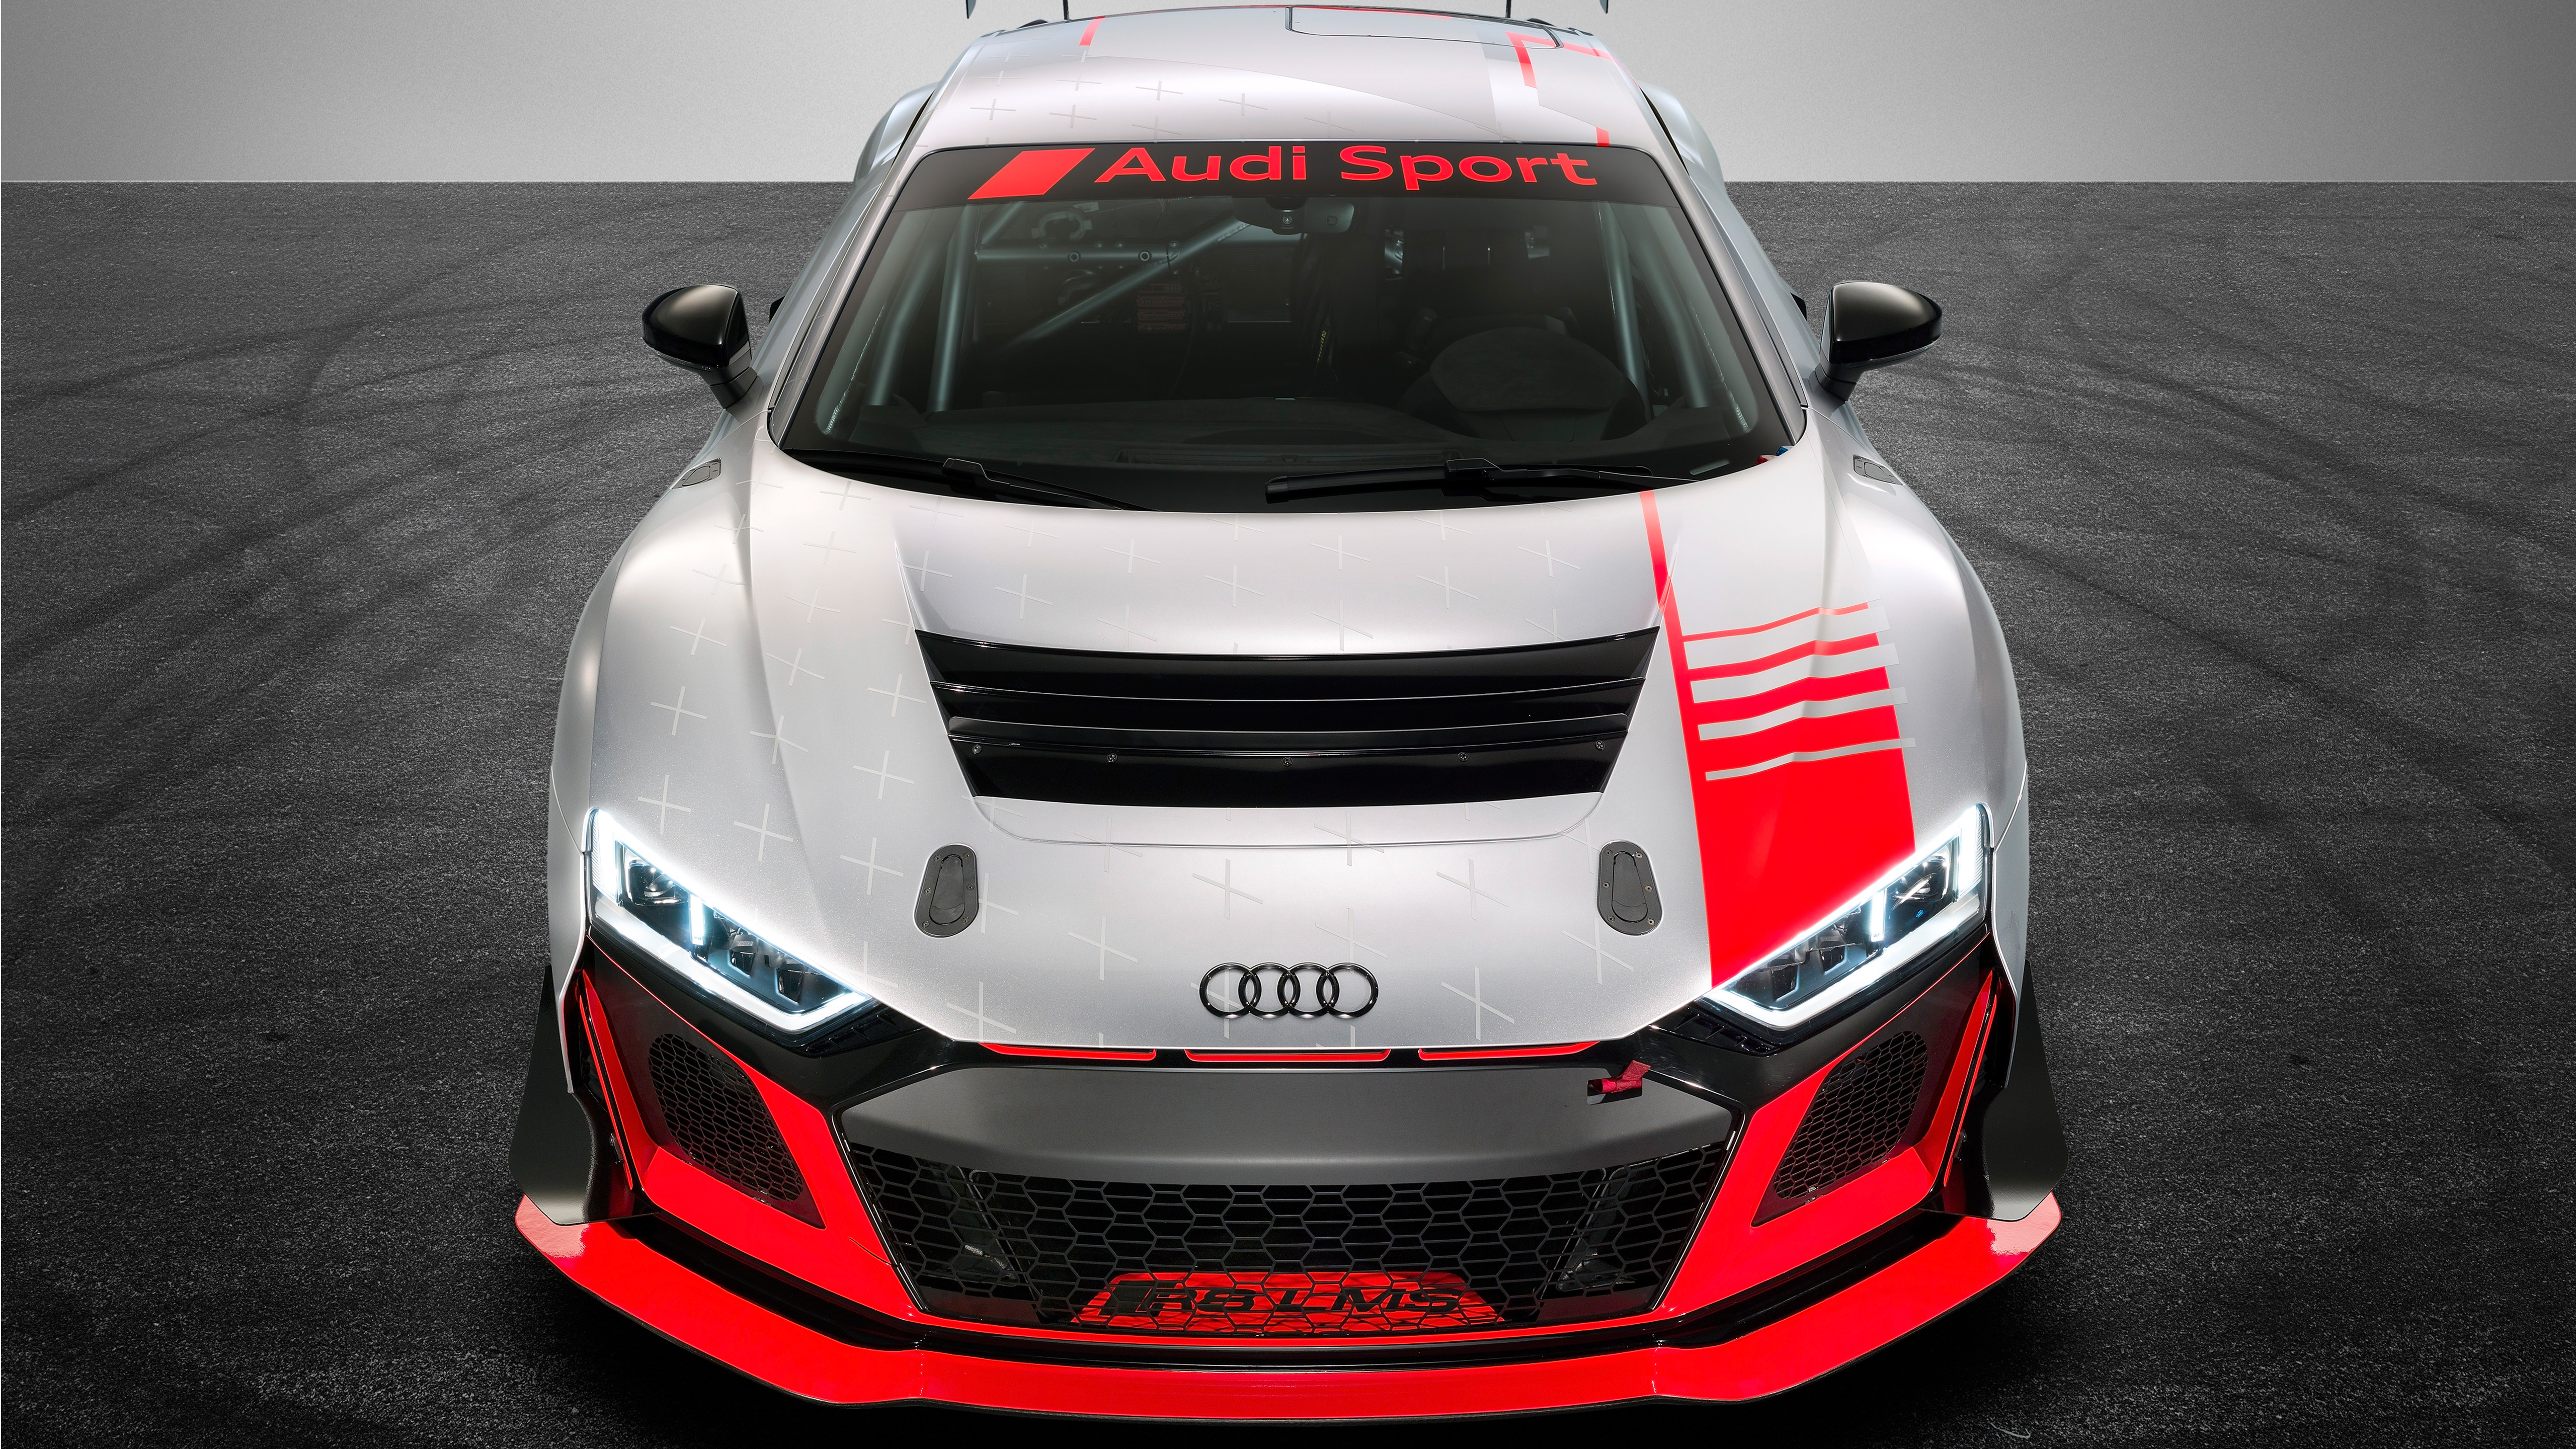 Audi R8 Lms Gt4 2019 4k 2 Wallpaper Hd Car Wallpapers Id 13608